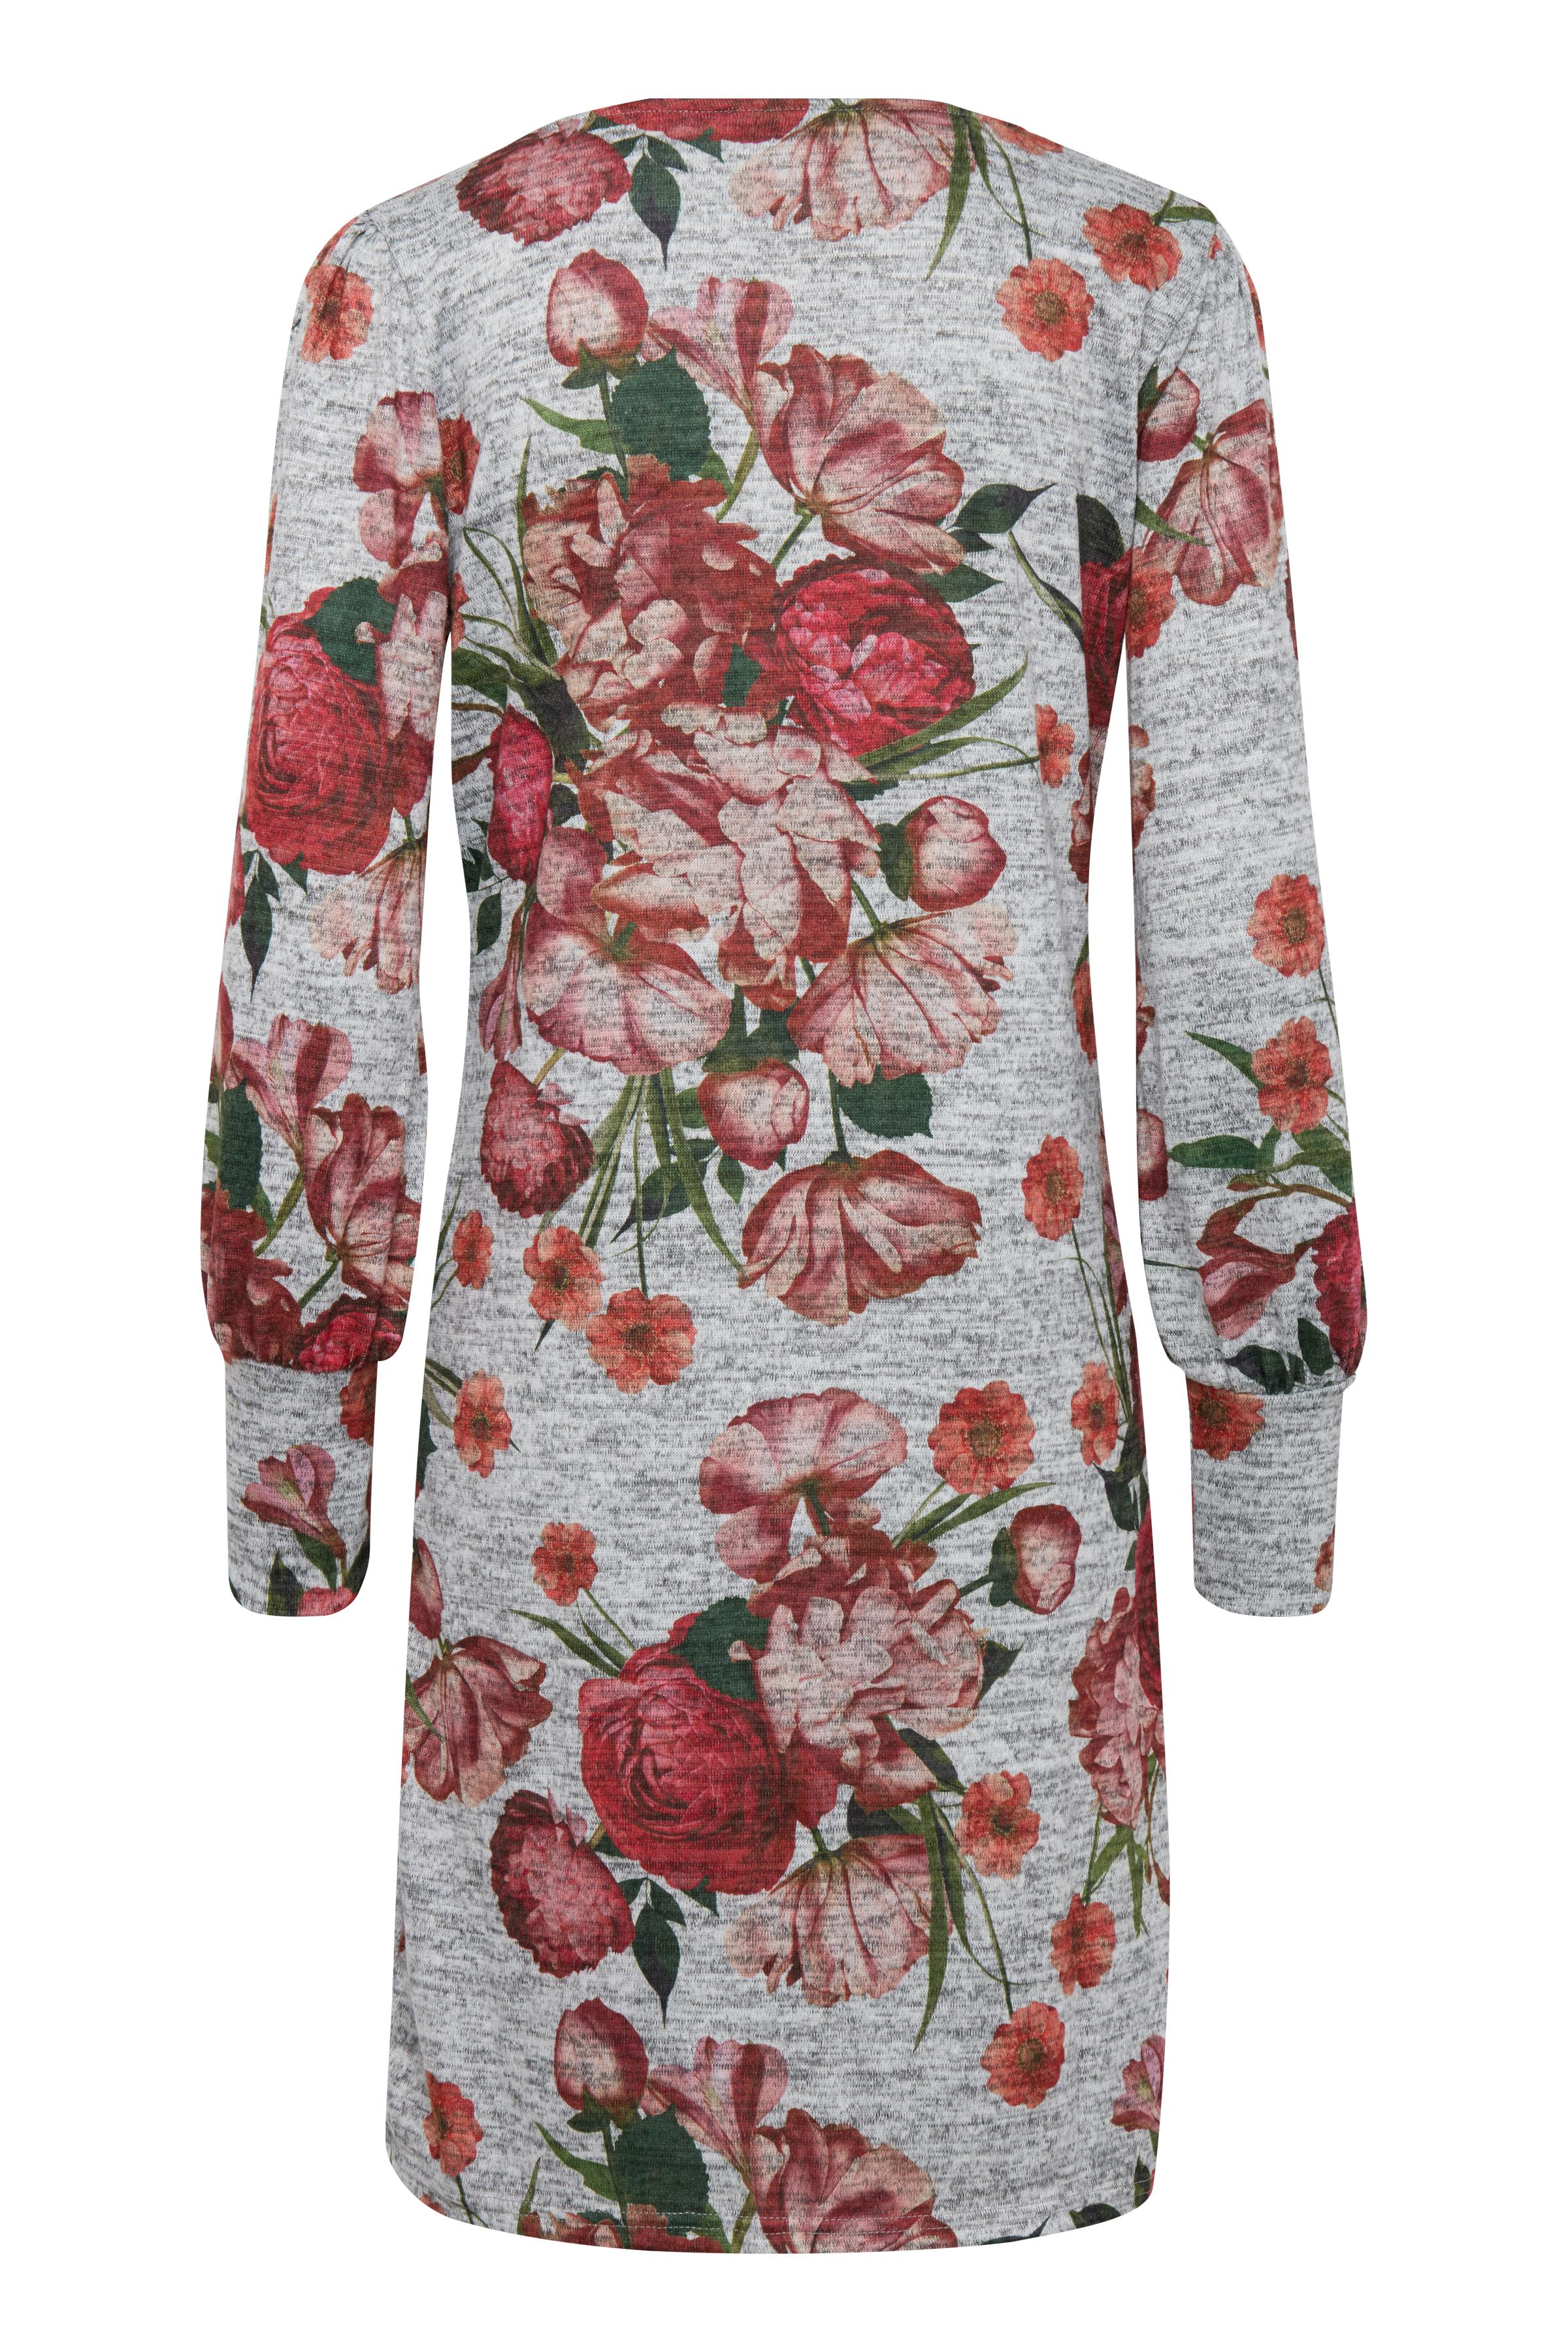 Grau meliert/rot Jerseykleid von b.young – Kaufen Sie Grau meliert/rot Jerseykleid aus Größe XS-XXL hier